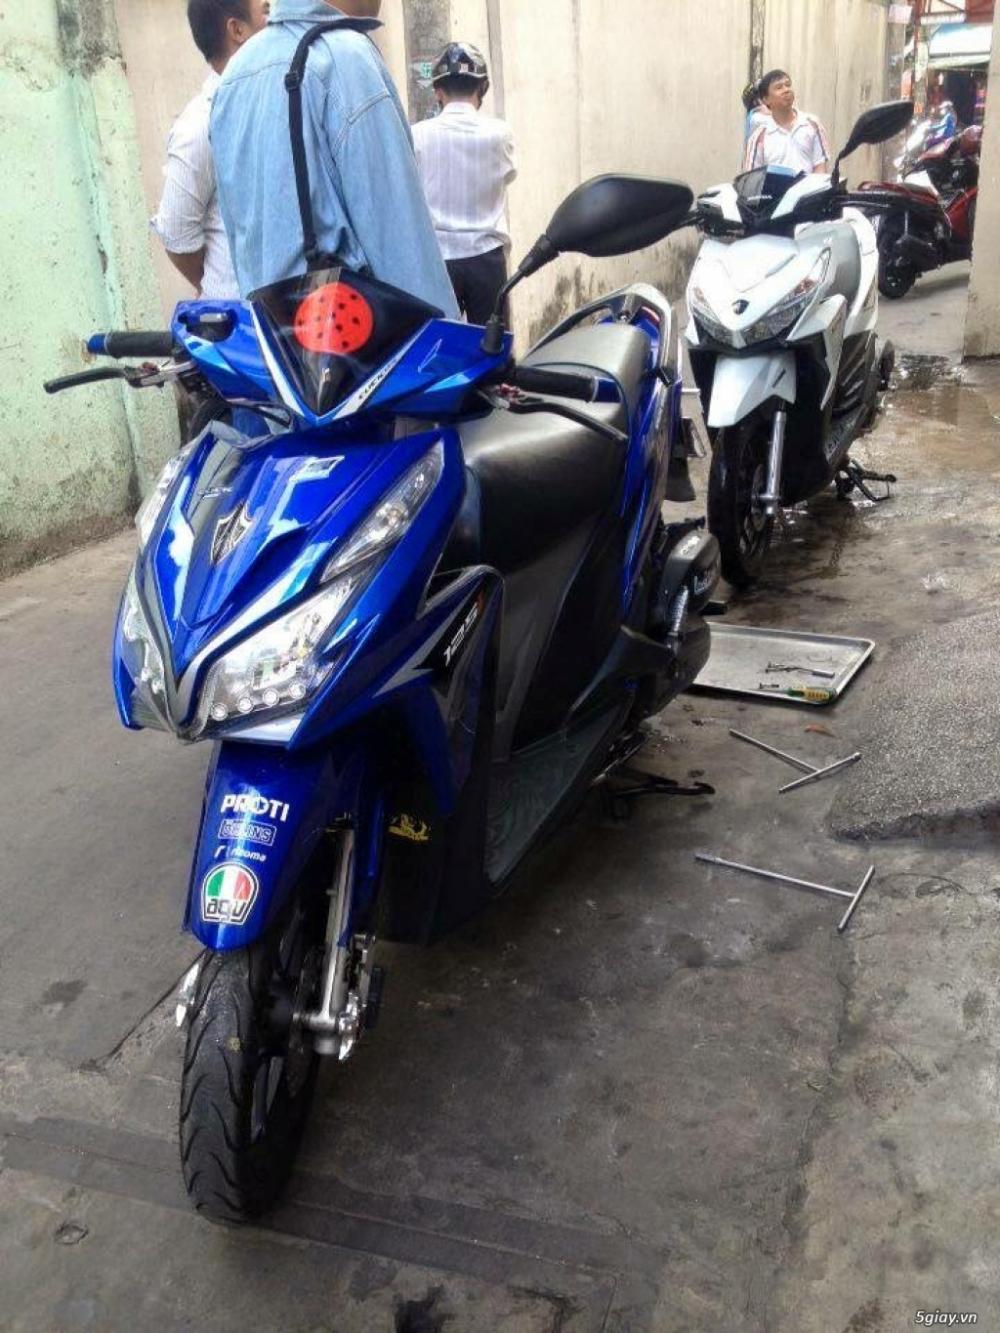 Chuyen Do Noi Xe Tay Ga Full Noi Noi Zin Bao Duong Ve Sinh Noi Cho Yamaha Honda Piago - 10